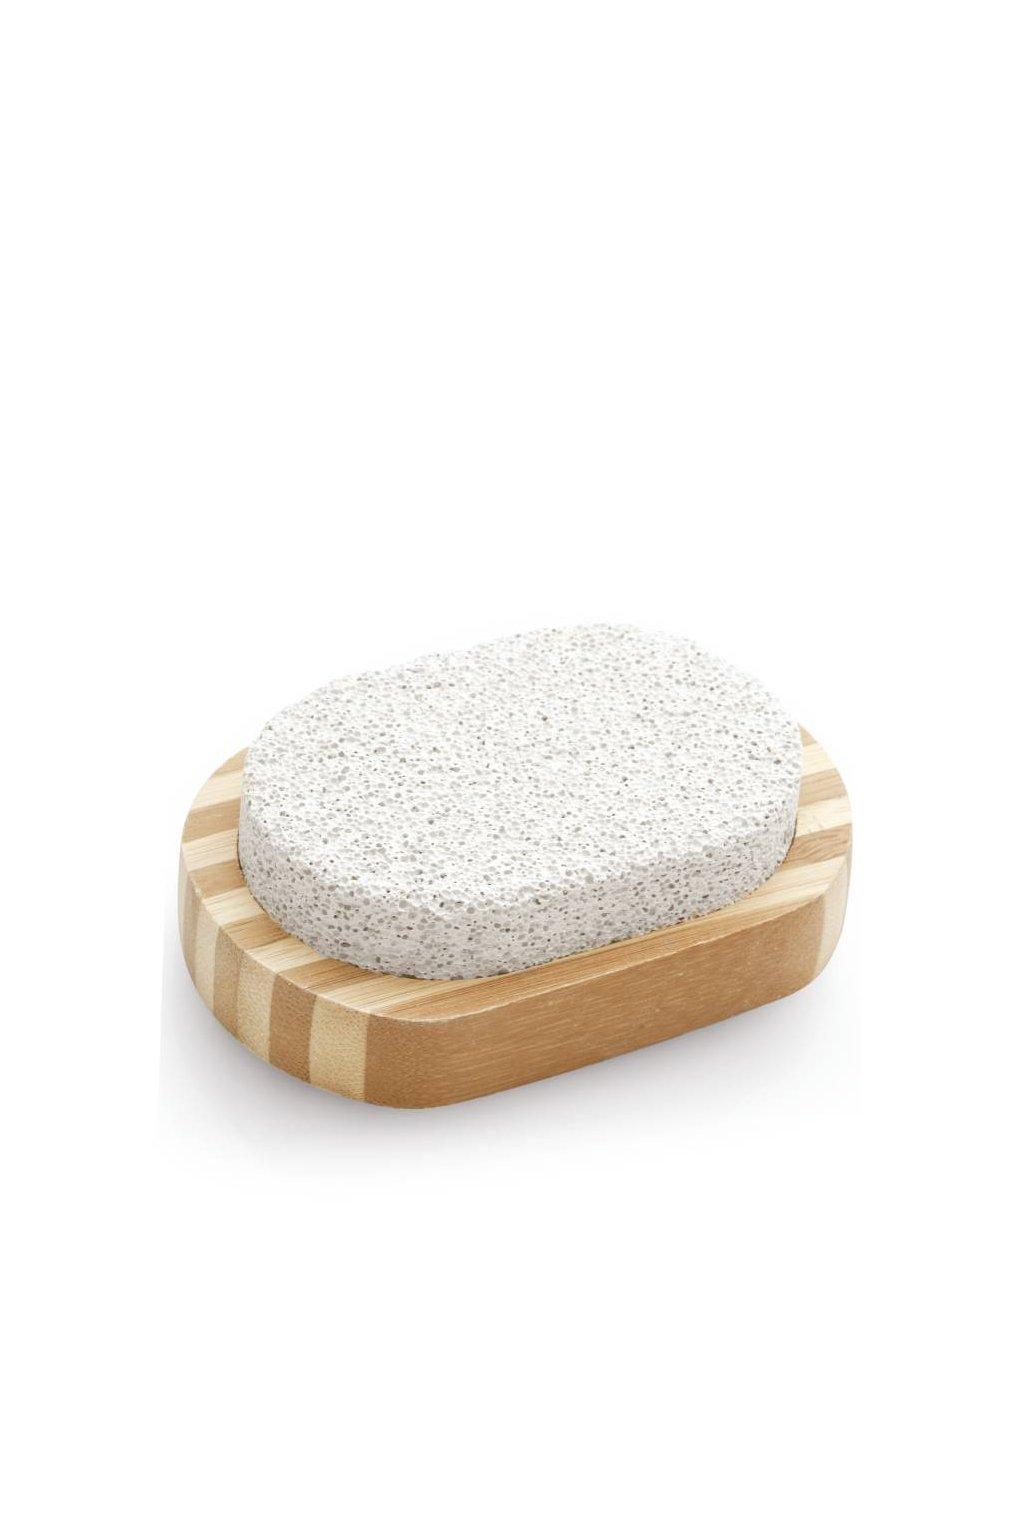 Spa beauty Oválný přírodní pemzový kámen ve dřevě, pokožku na nohou zanechává hladkou a hebkou